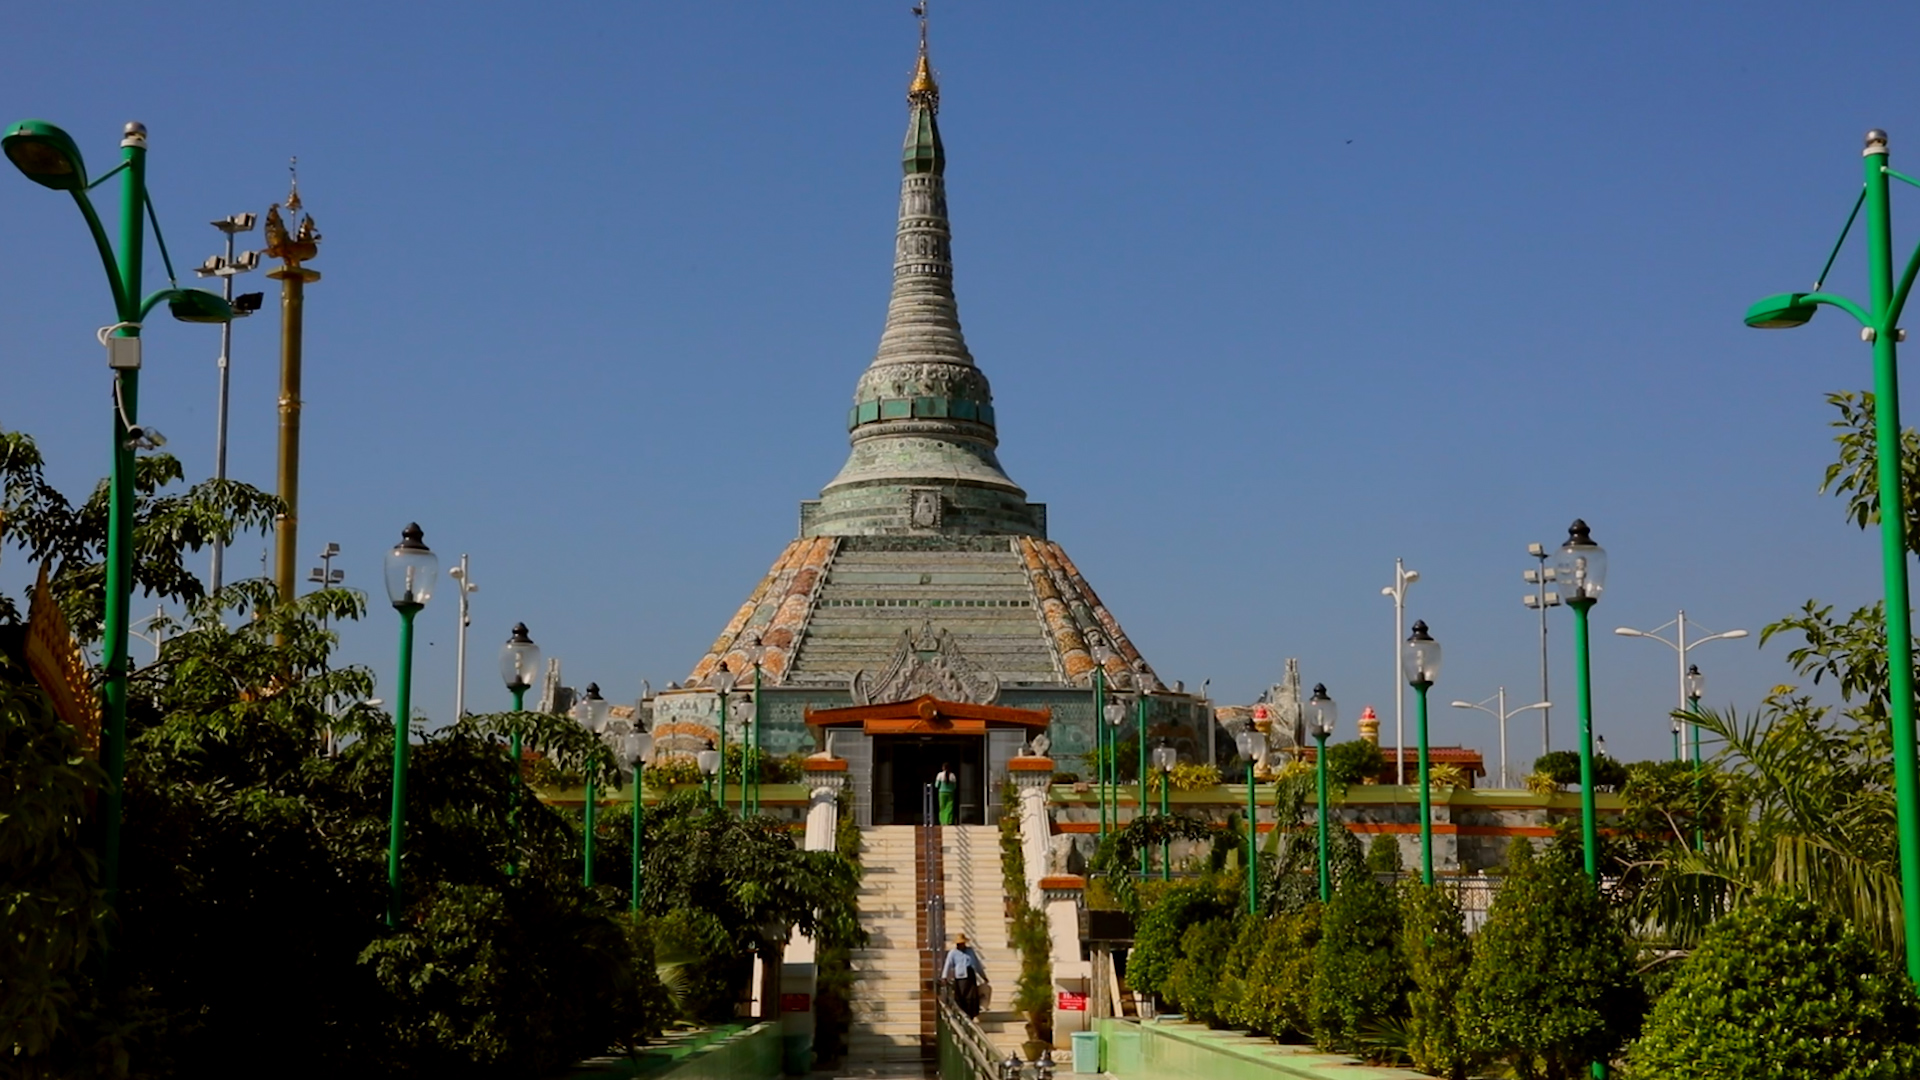 Смята се, че в най-свещената будистка пагода в Мианмар се пазят мощите на четирите предишни буди на настоящата калпа. Тези реликви включват тоягата на Какусанда, водният филтър на Конягамана, парче от робата на Кассапа и осем нишки коса от главата на Гаутама.